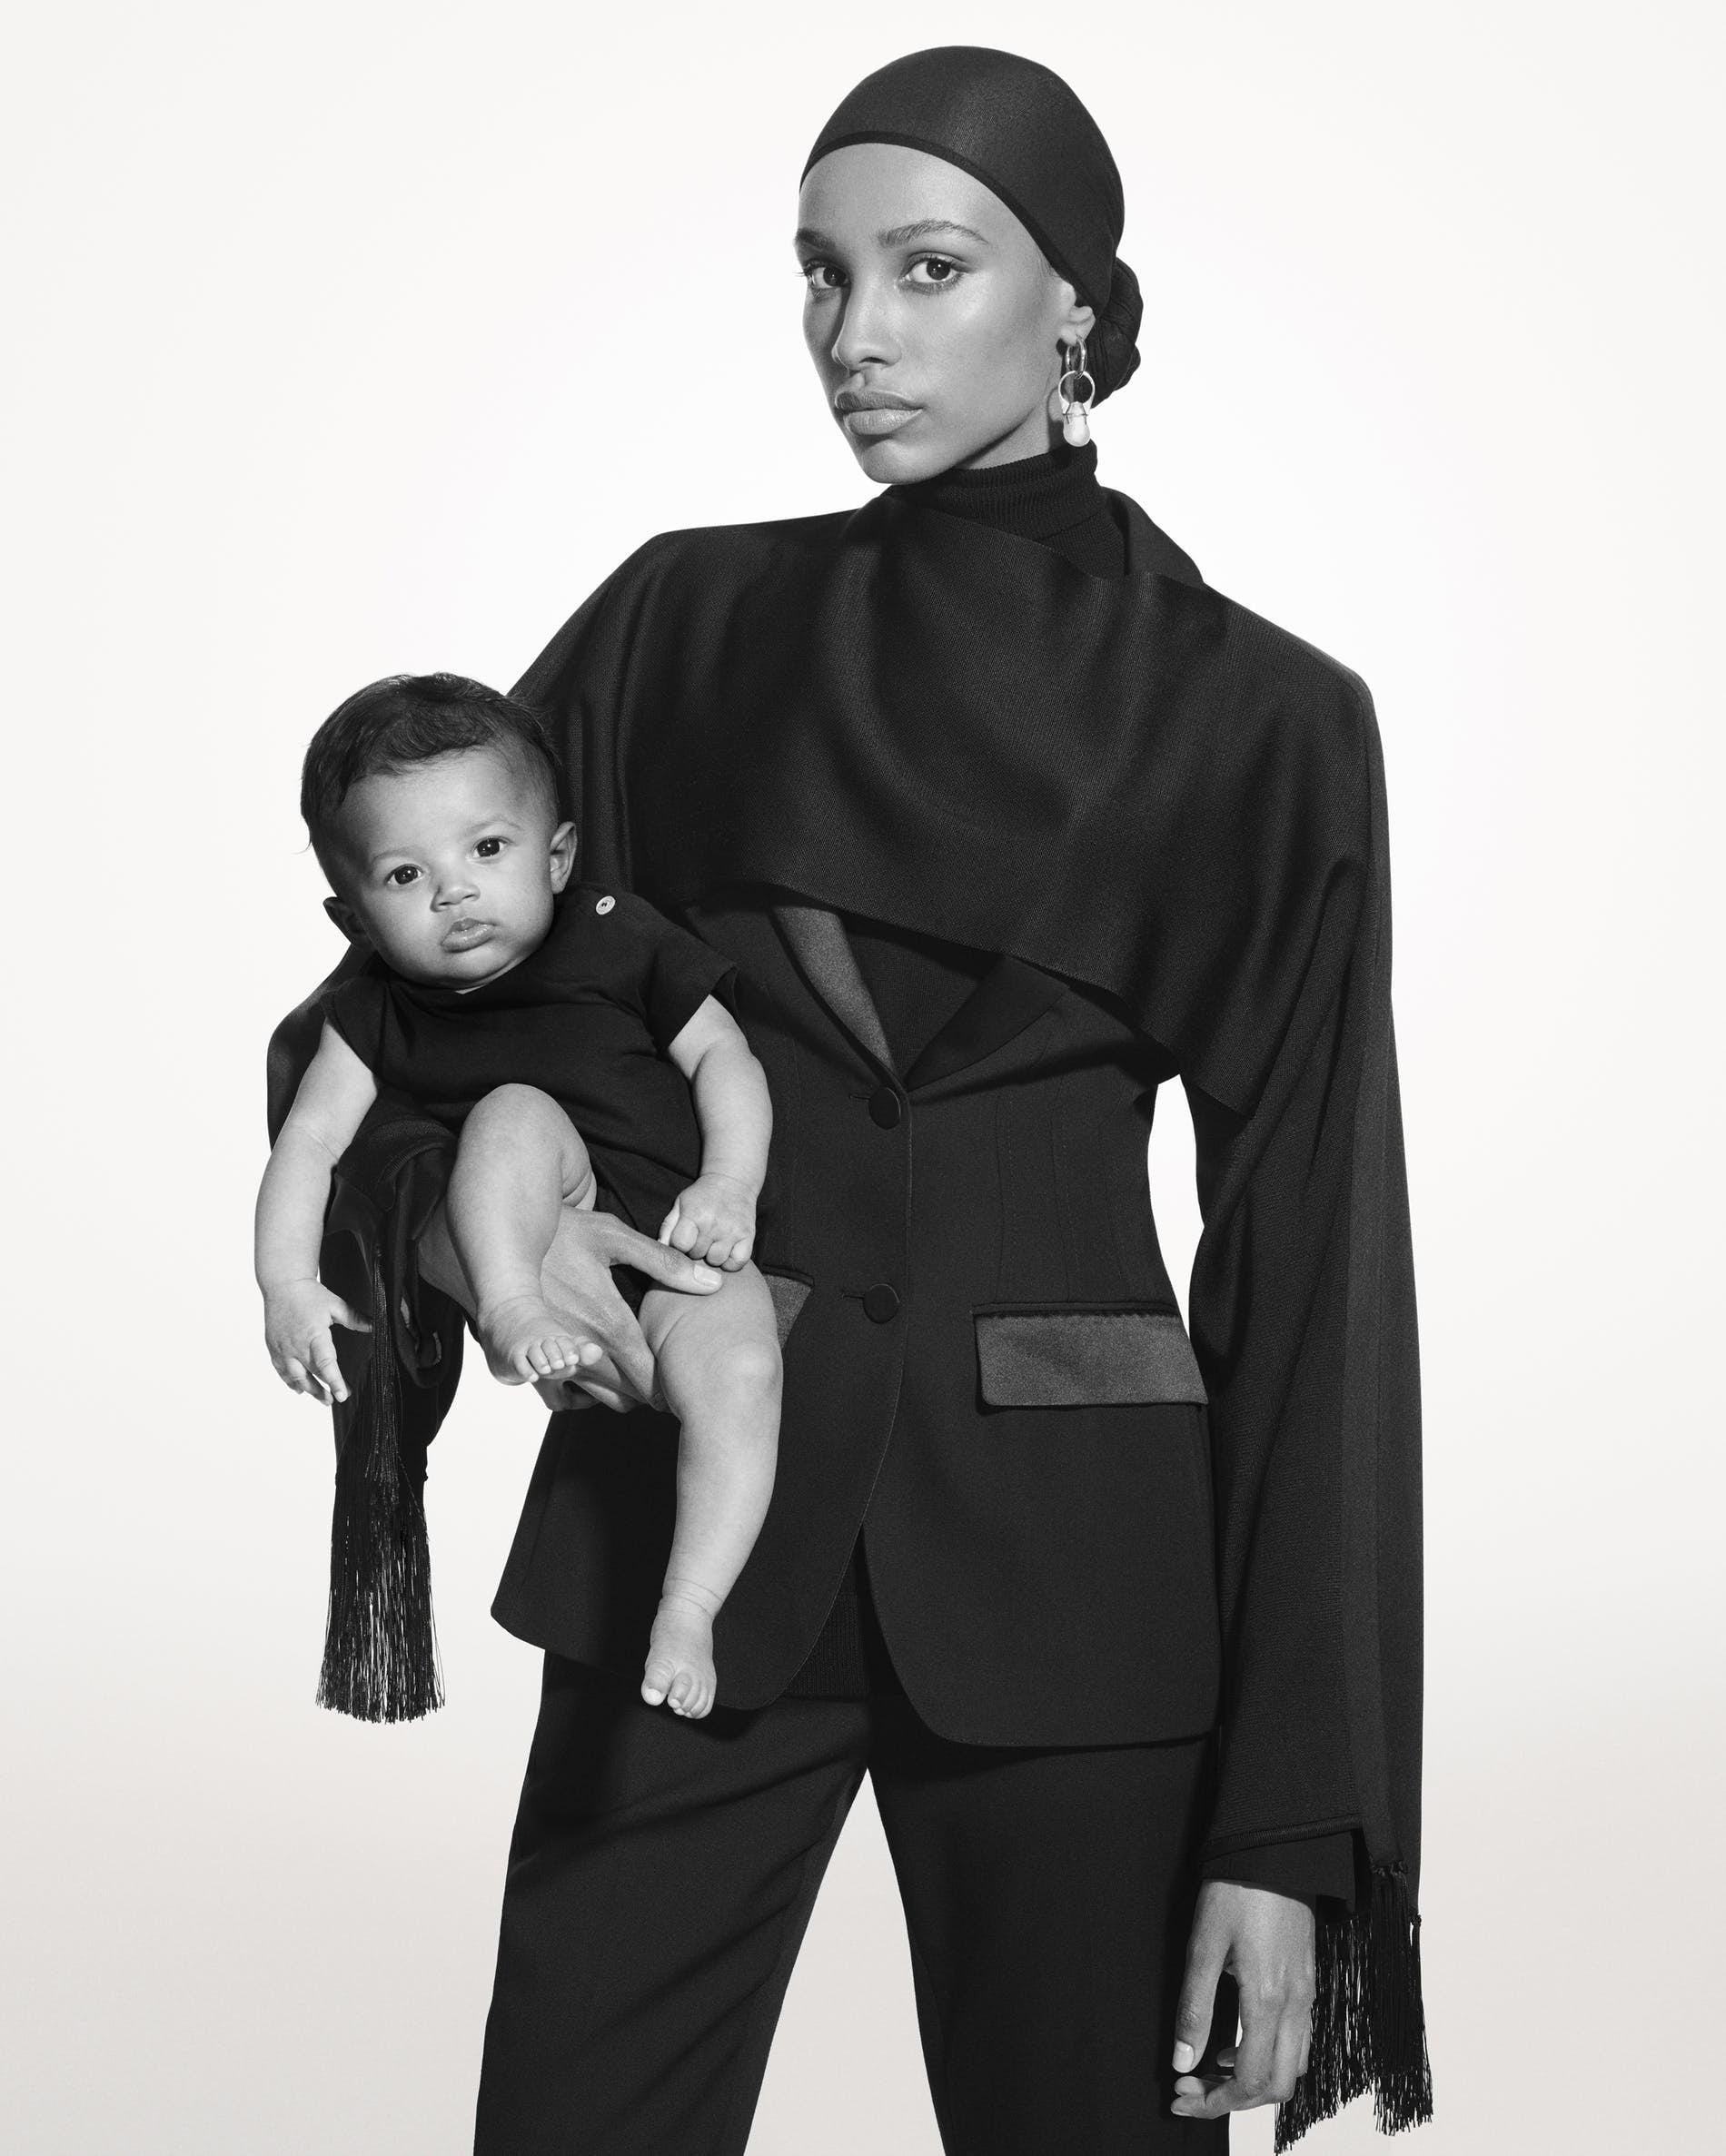 Burberry người mẫu Hồi Giáo gốc Thụy Điển Ikram Abdi Omar